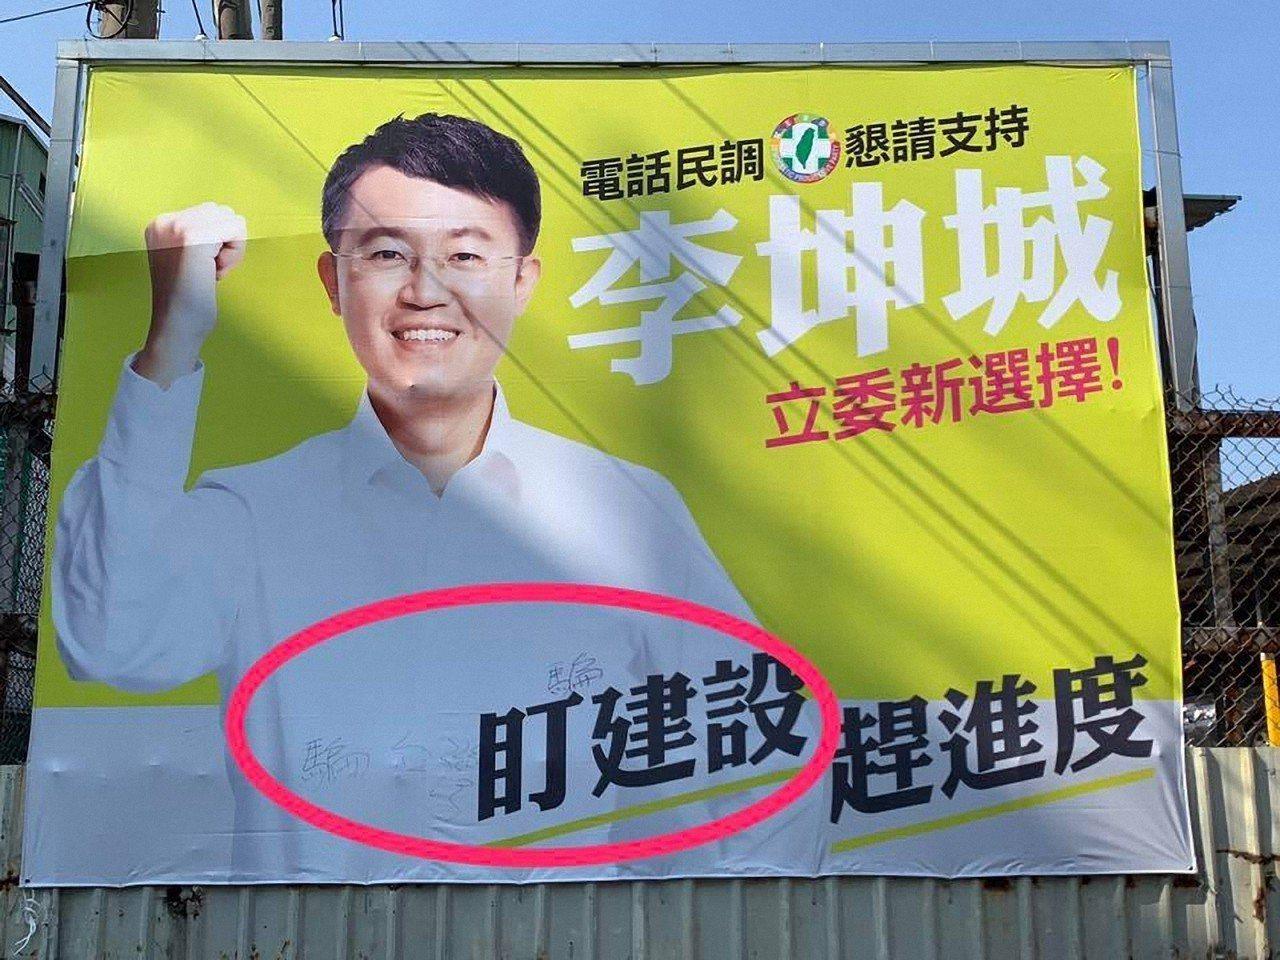 登記參加民進黨立委初選的議員李坤城,看板被寫上「騙」字。圖/擷自李坤城粉絲頁